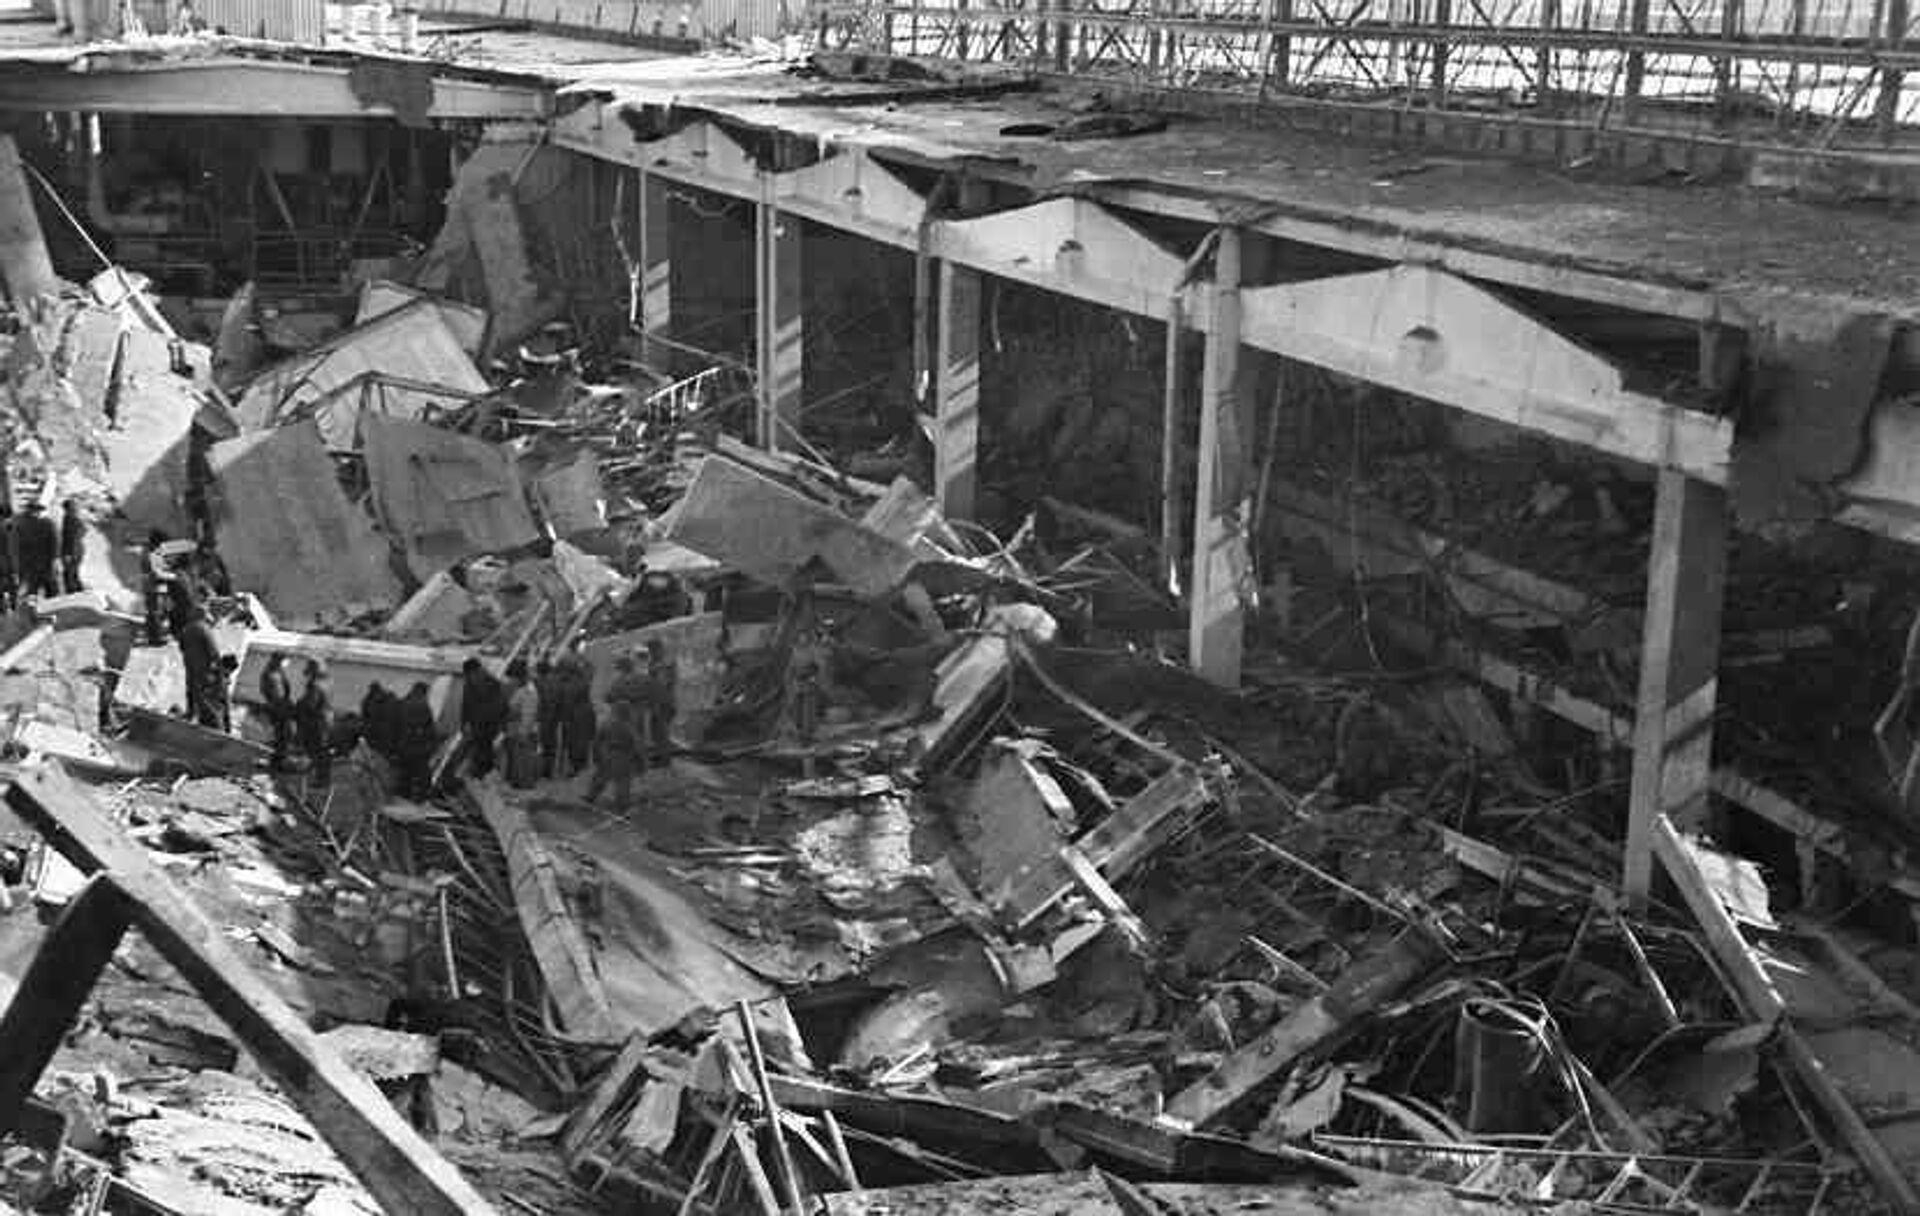 Пострадавшая при взрыве в цехе футляров: Машеров очень просил держаться - Sputnik Беларусь, 1920, 10.03.2021